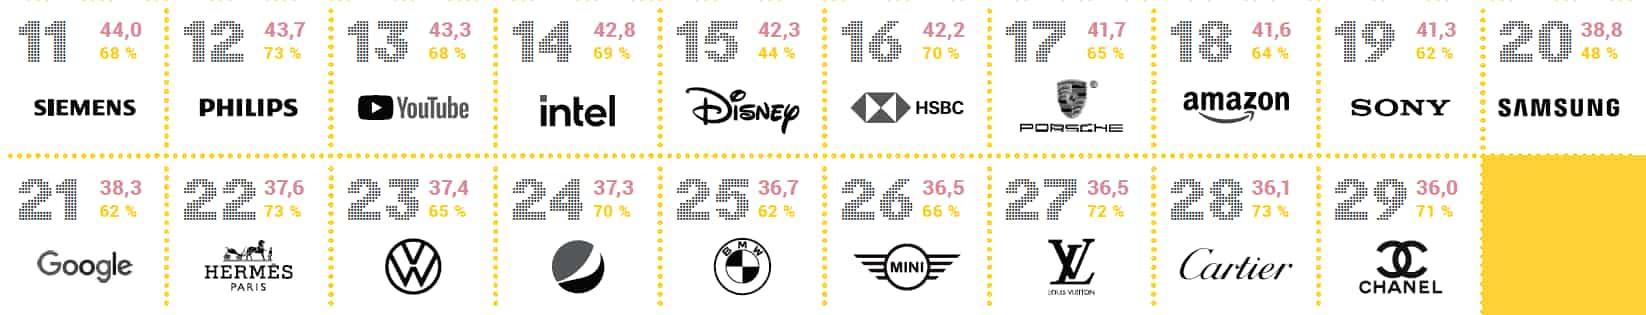 La classifica delle sonic identity 2021: TOP 20